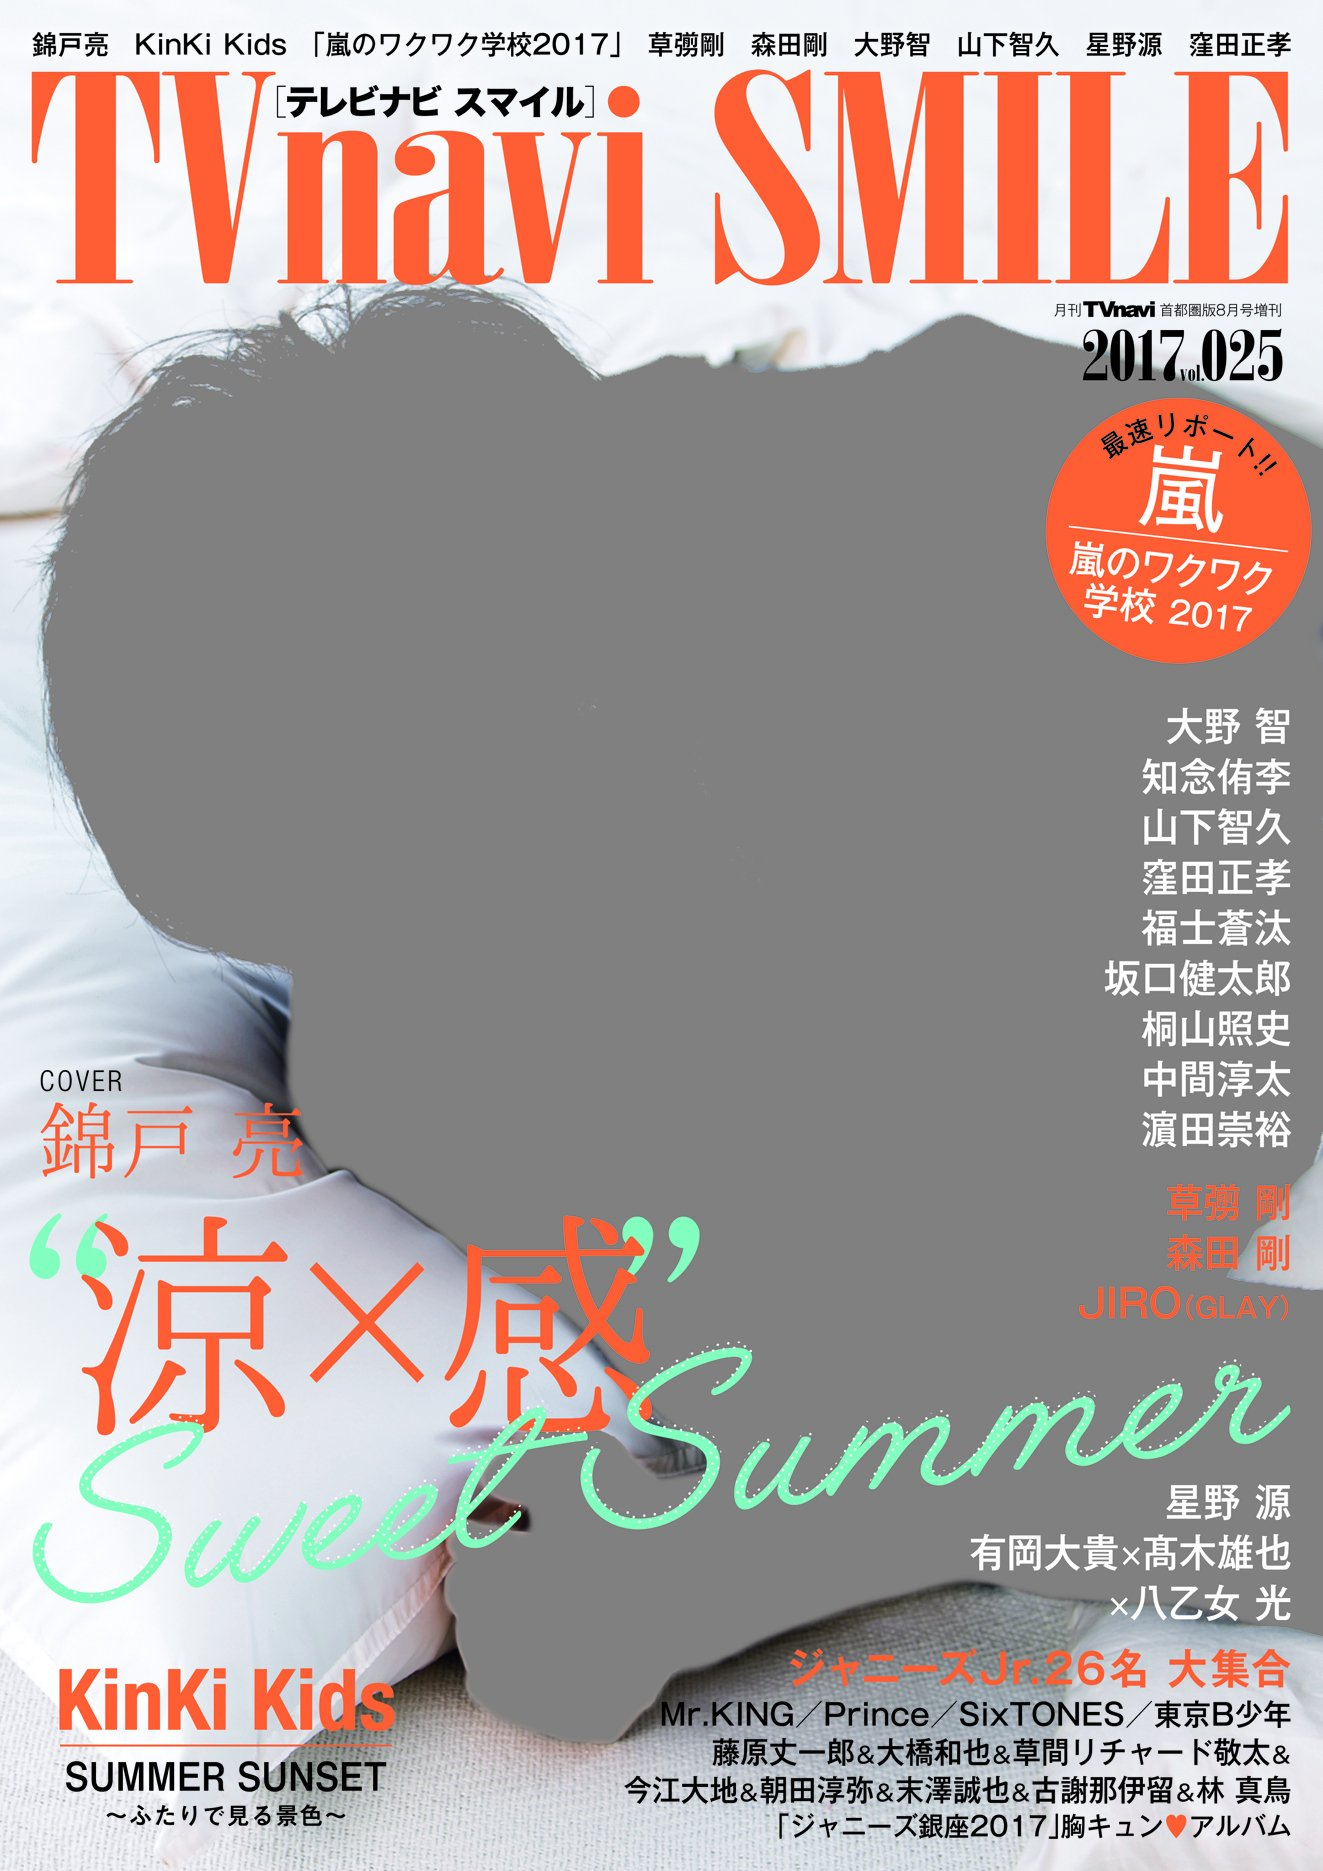 TVnavi首都圏版増刊 2017年8月号 TV navi SMILE(25)